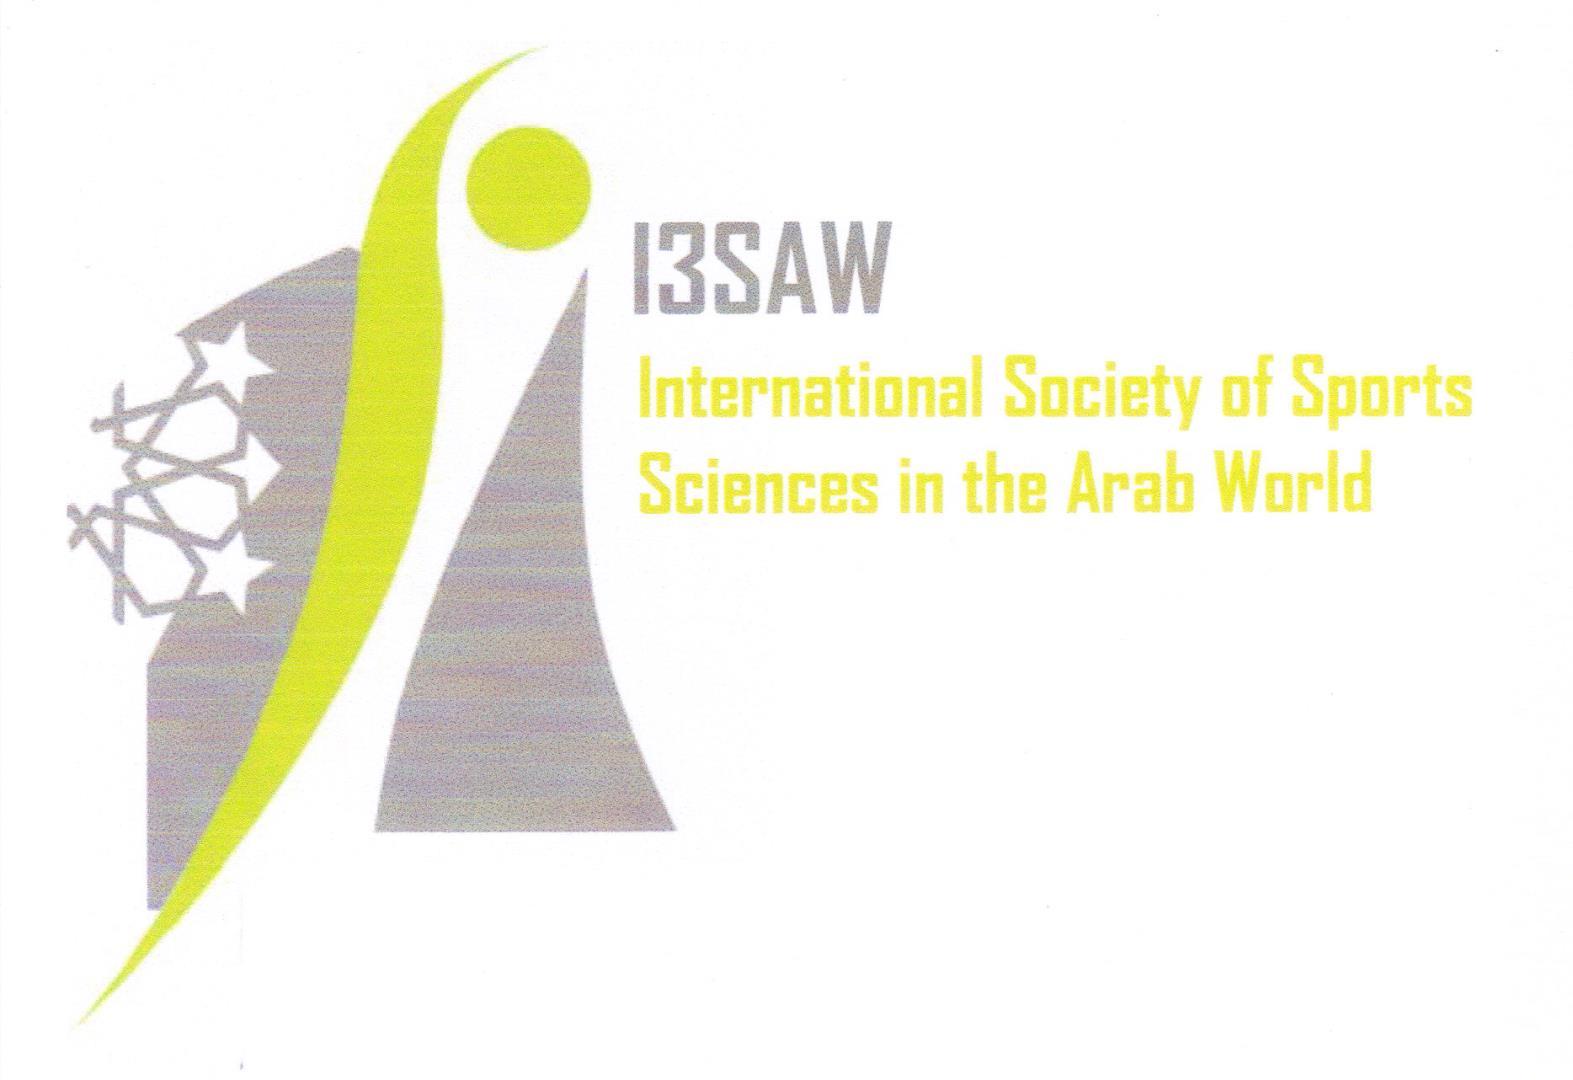 Association - I3SAW